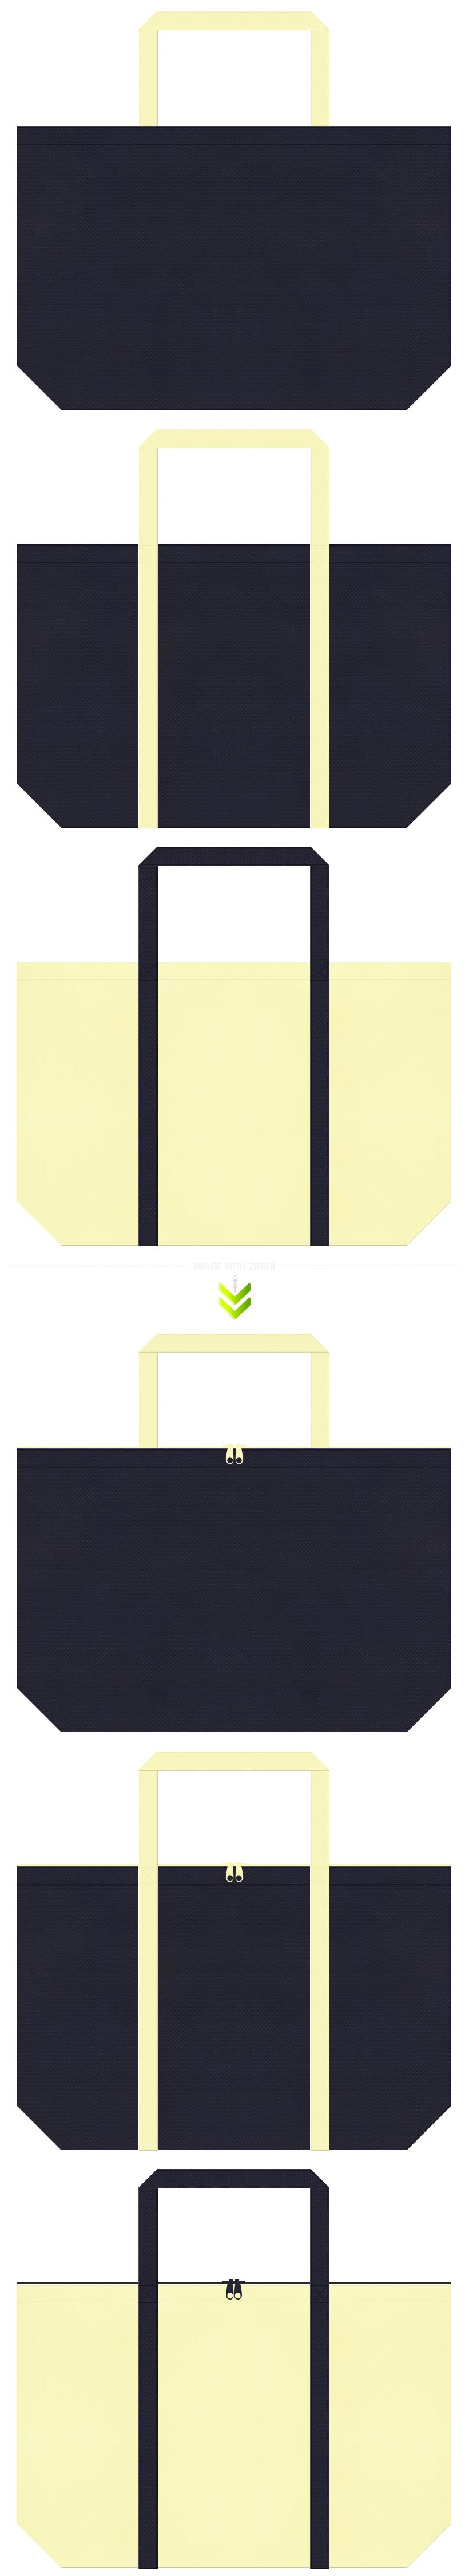 蛍の光・月明かり・学校・オープンキャンパス・学習塾・レッスンバッグにお奨めの不織布バッグデザイン:濃紺色と薄黄色のコーデ